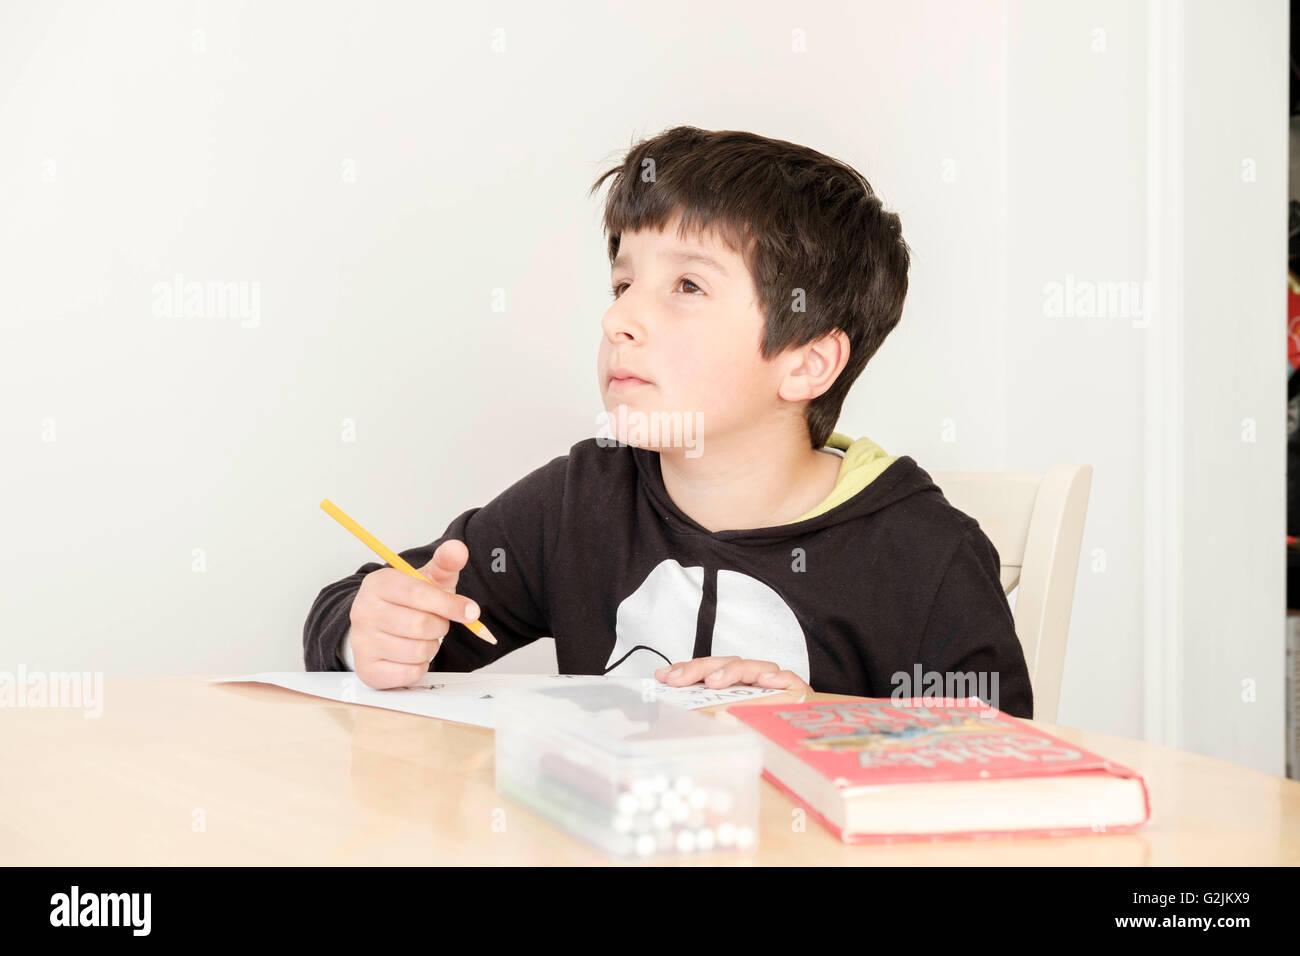 El colegial trabajando en su tarea Imagen De Stock